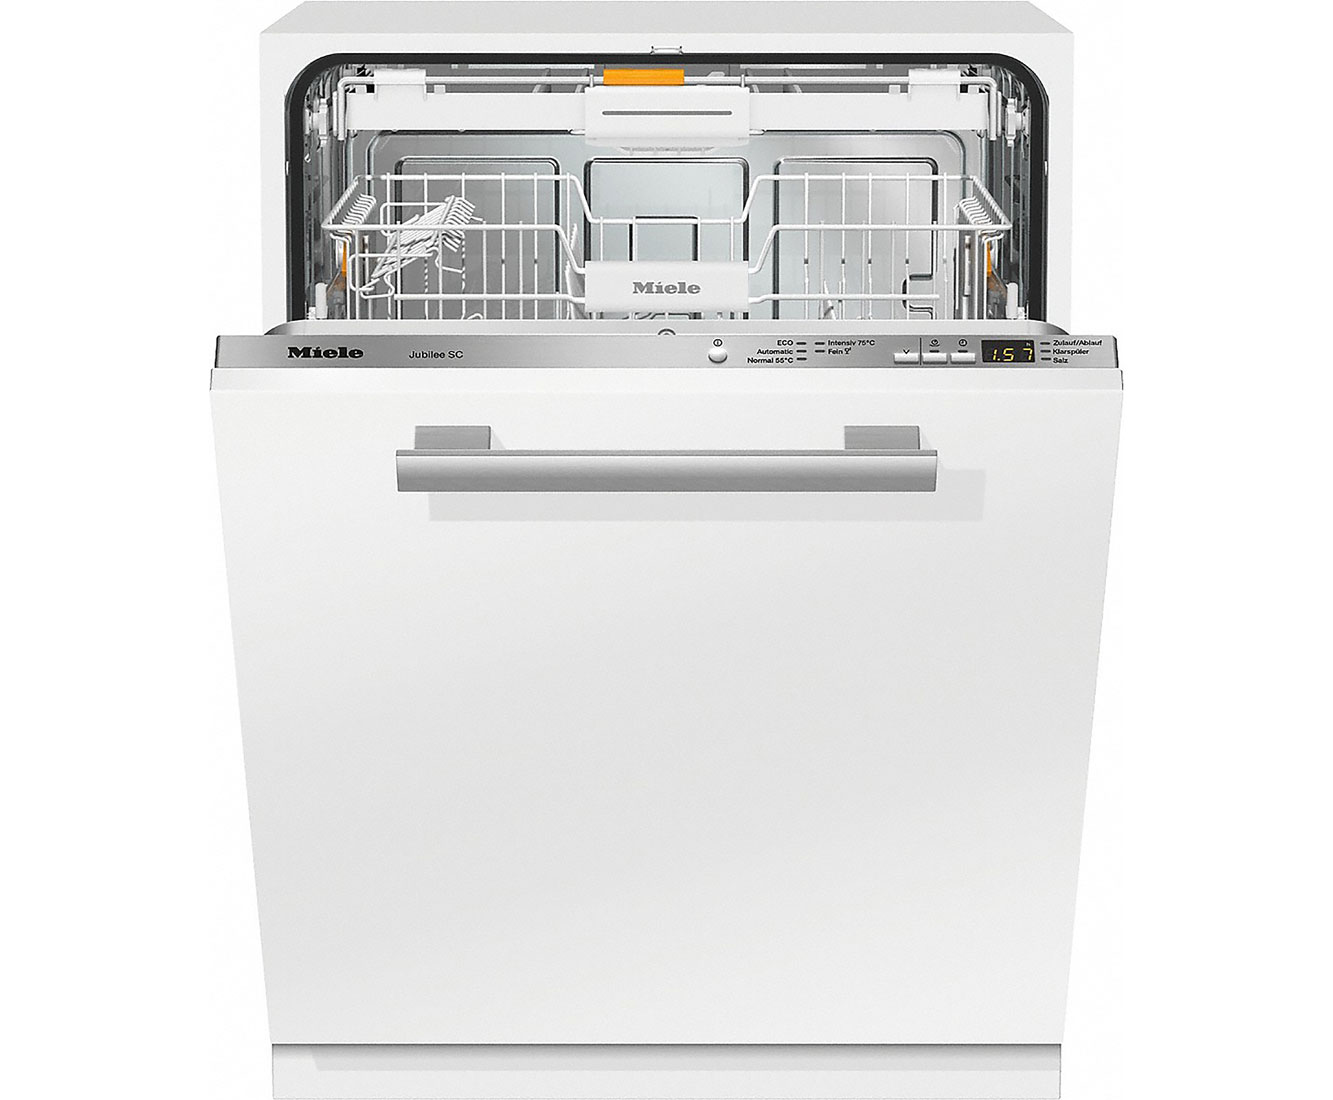 Miele G 4990 SCVi Jubilee Geschirrspüler 60 cm - Edelstahl | Küche und Esszimmer > Küchenelektrogeräte > Gefrierschränke | Edelstahl | Miele